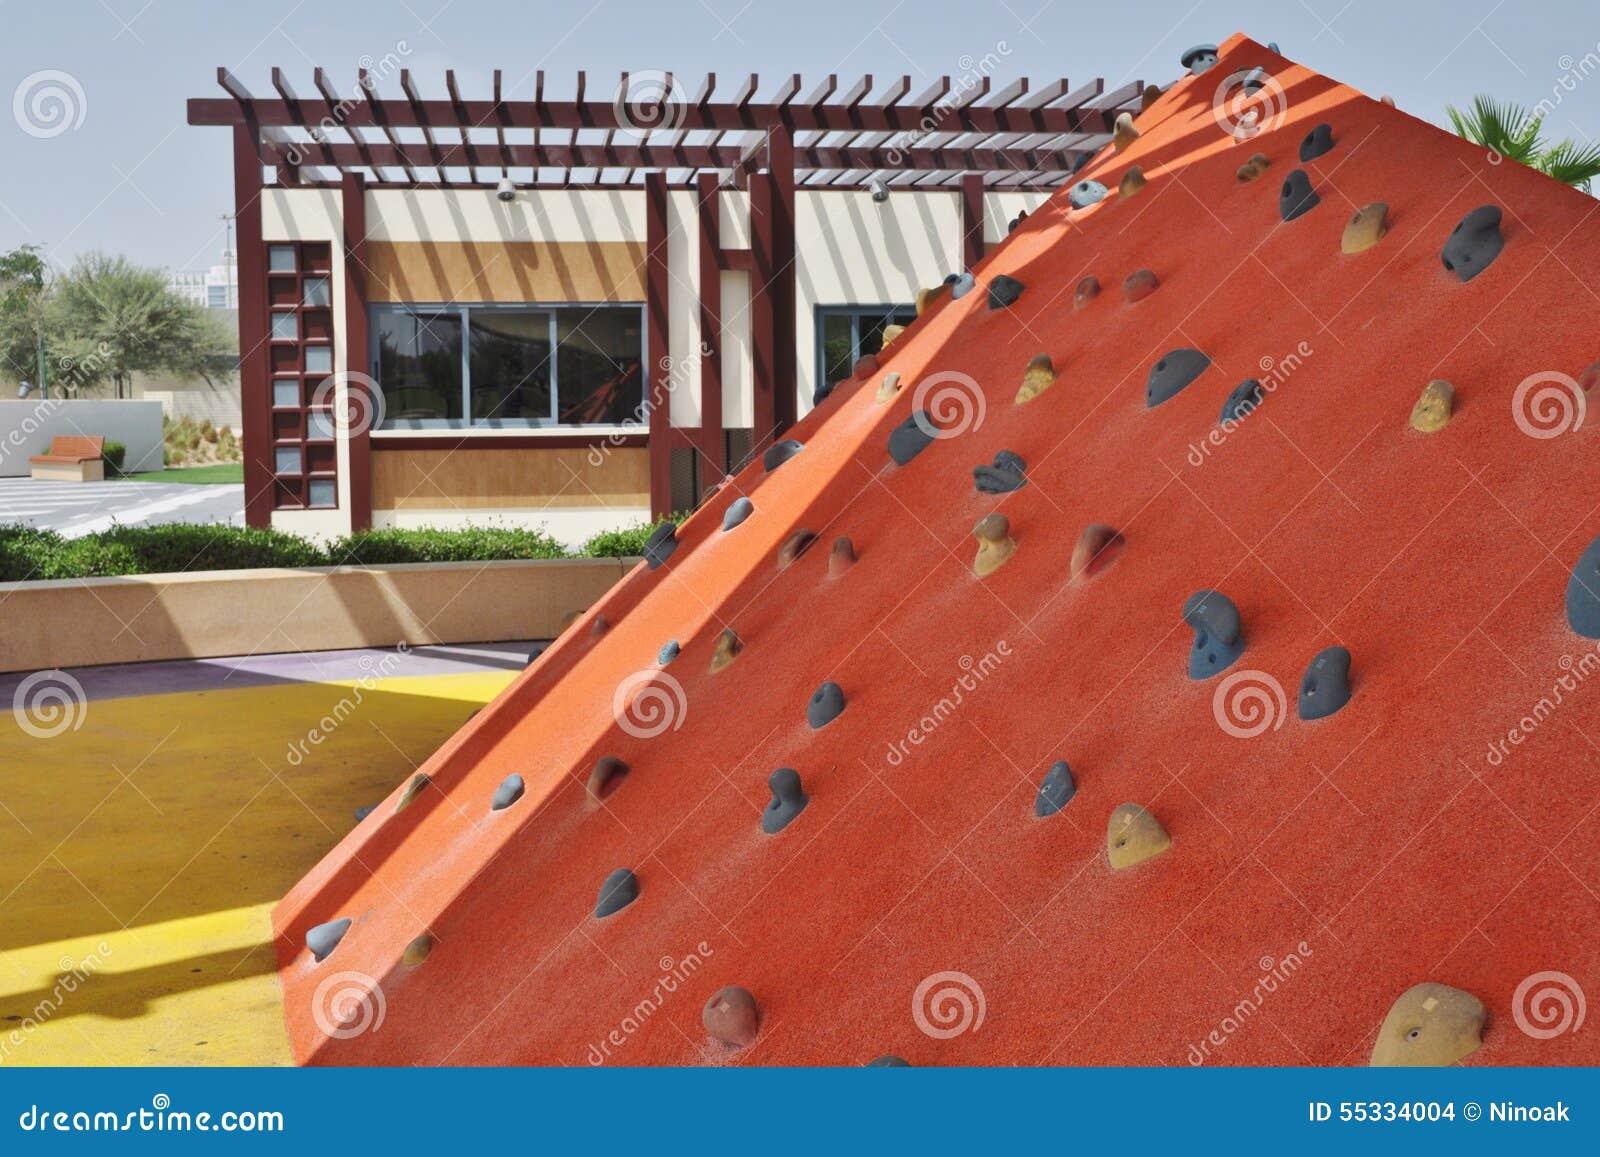 Delma Park Orange Artificial Hill Stock Photo Image